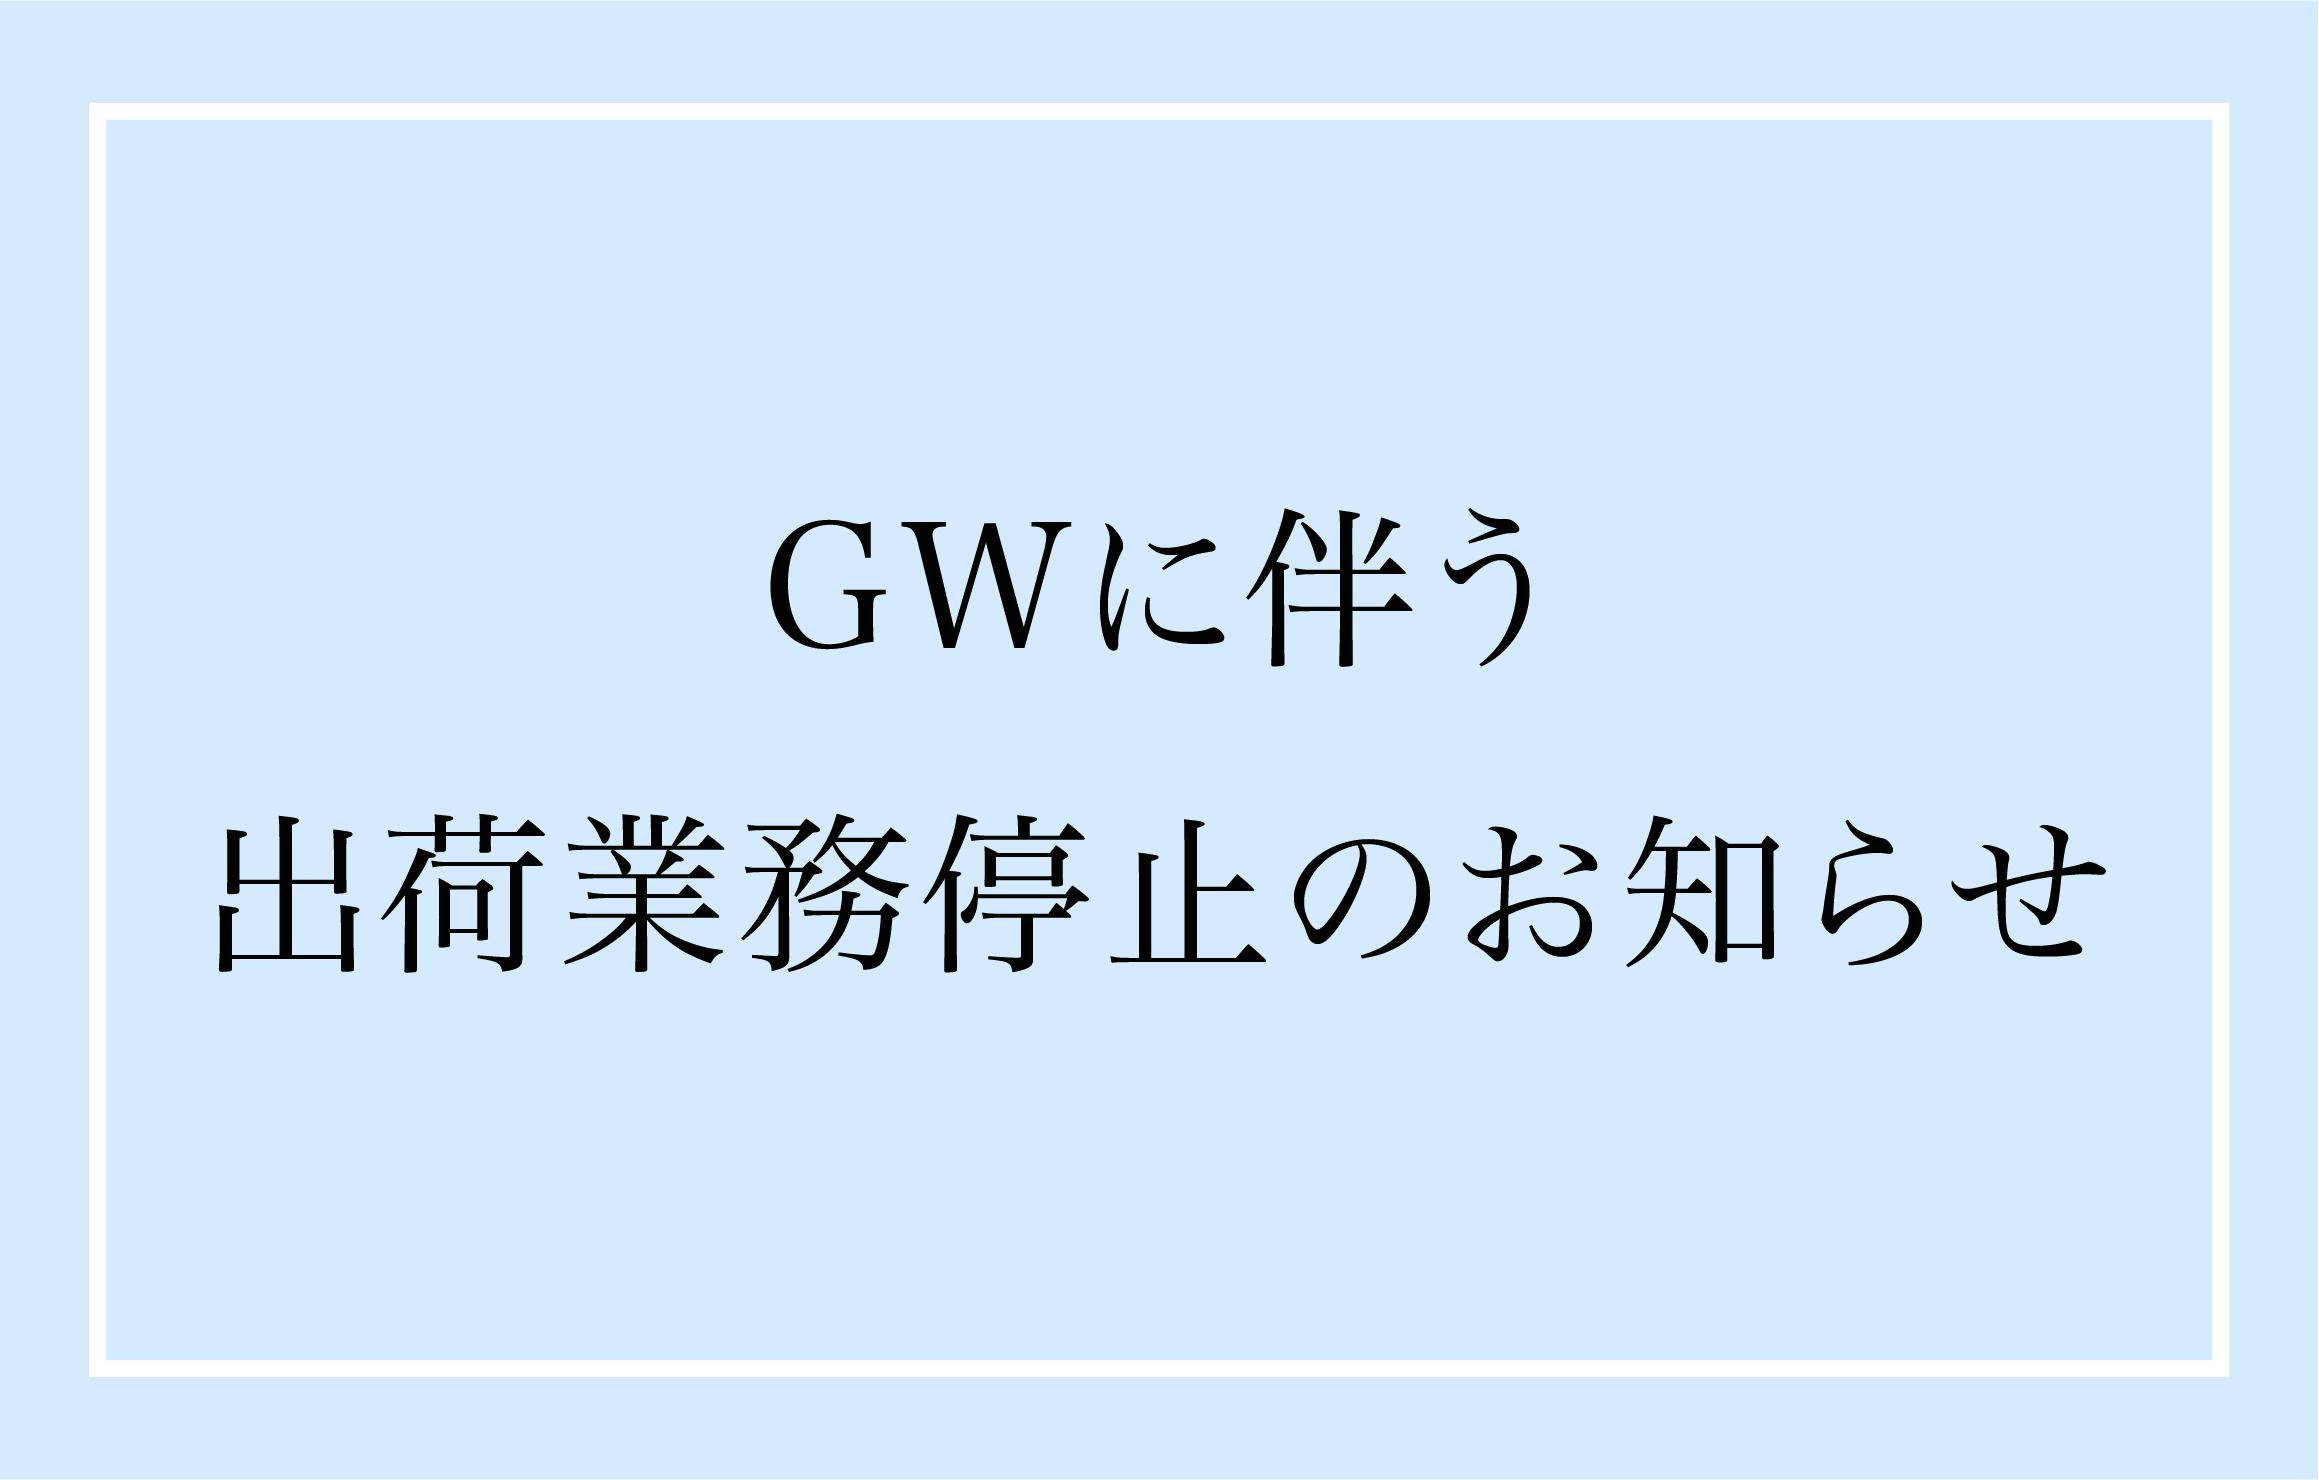 GWに伴う出荷業務停止のお知らせ